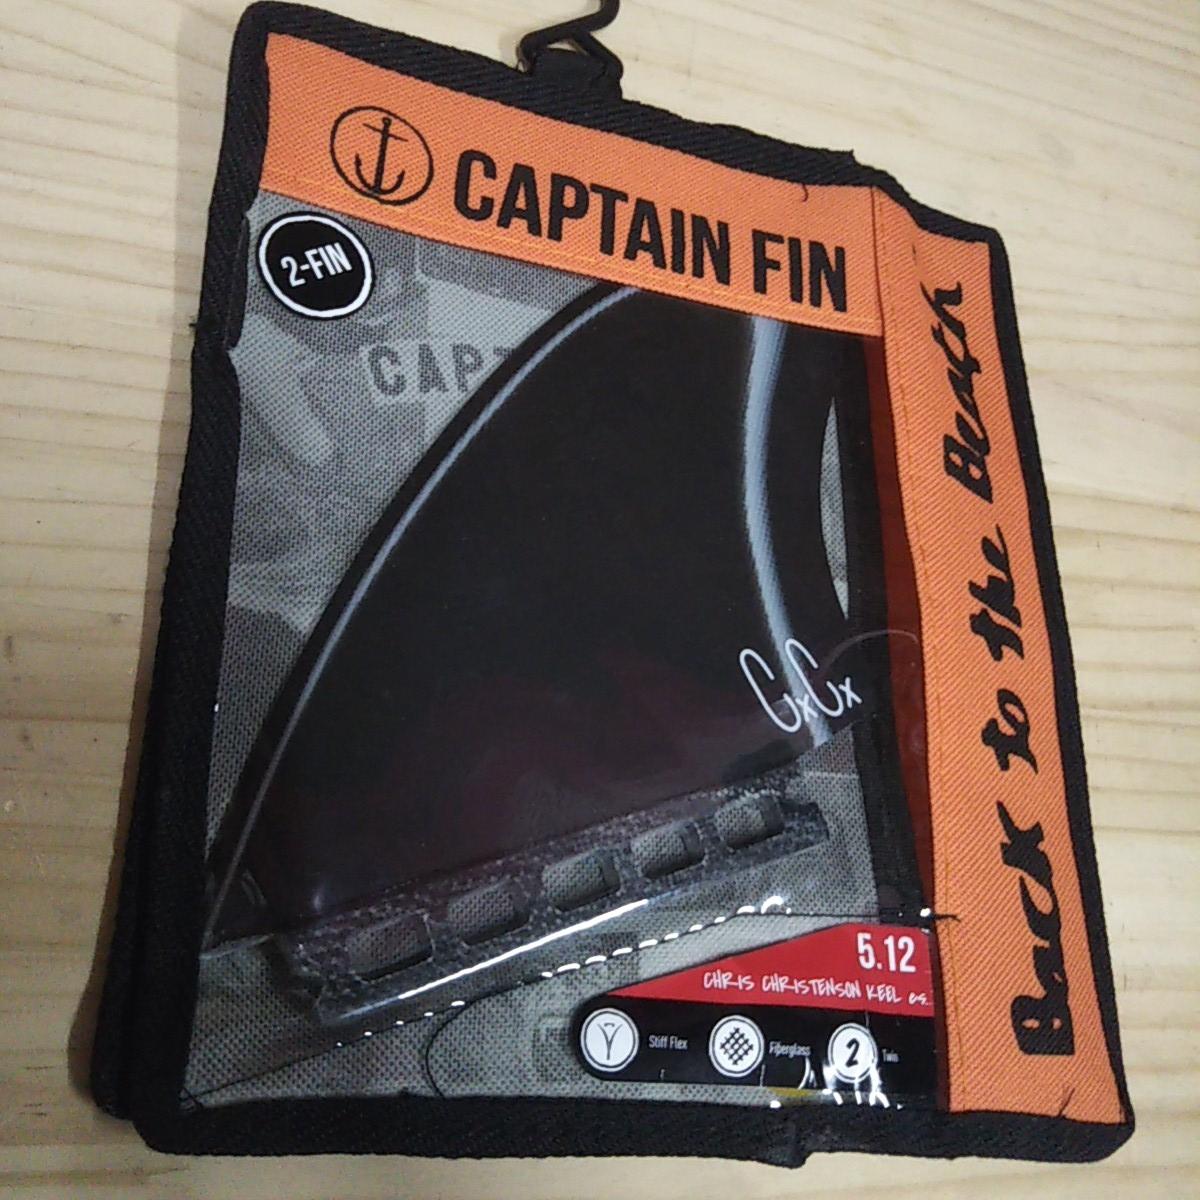 キャプテンフィン ツインフィン クリステンソンモデル キールフィン フューチャーフィン